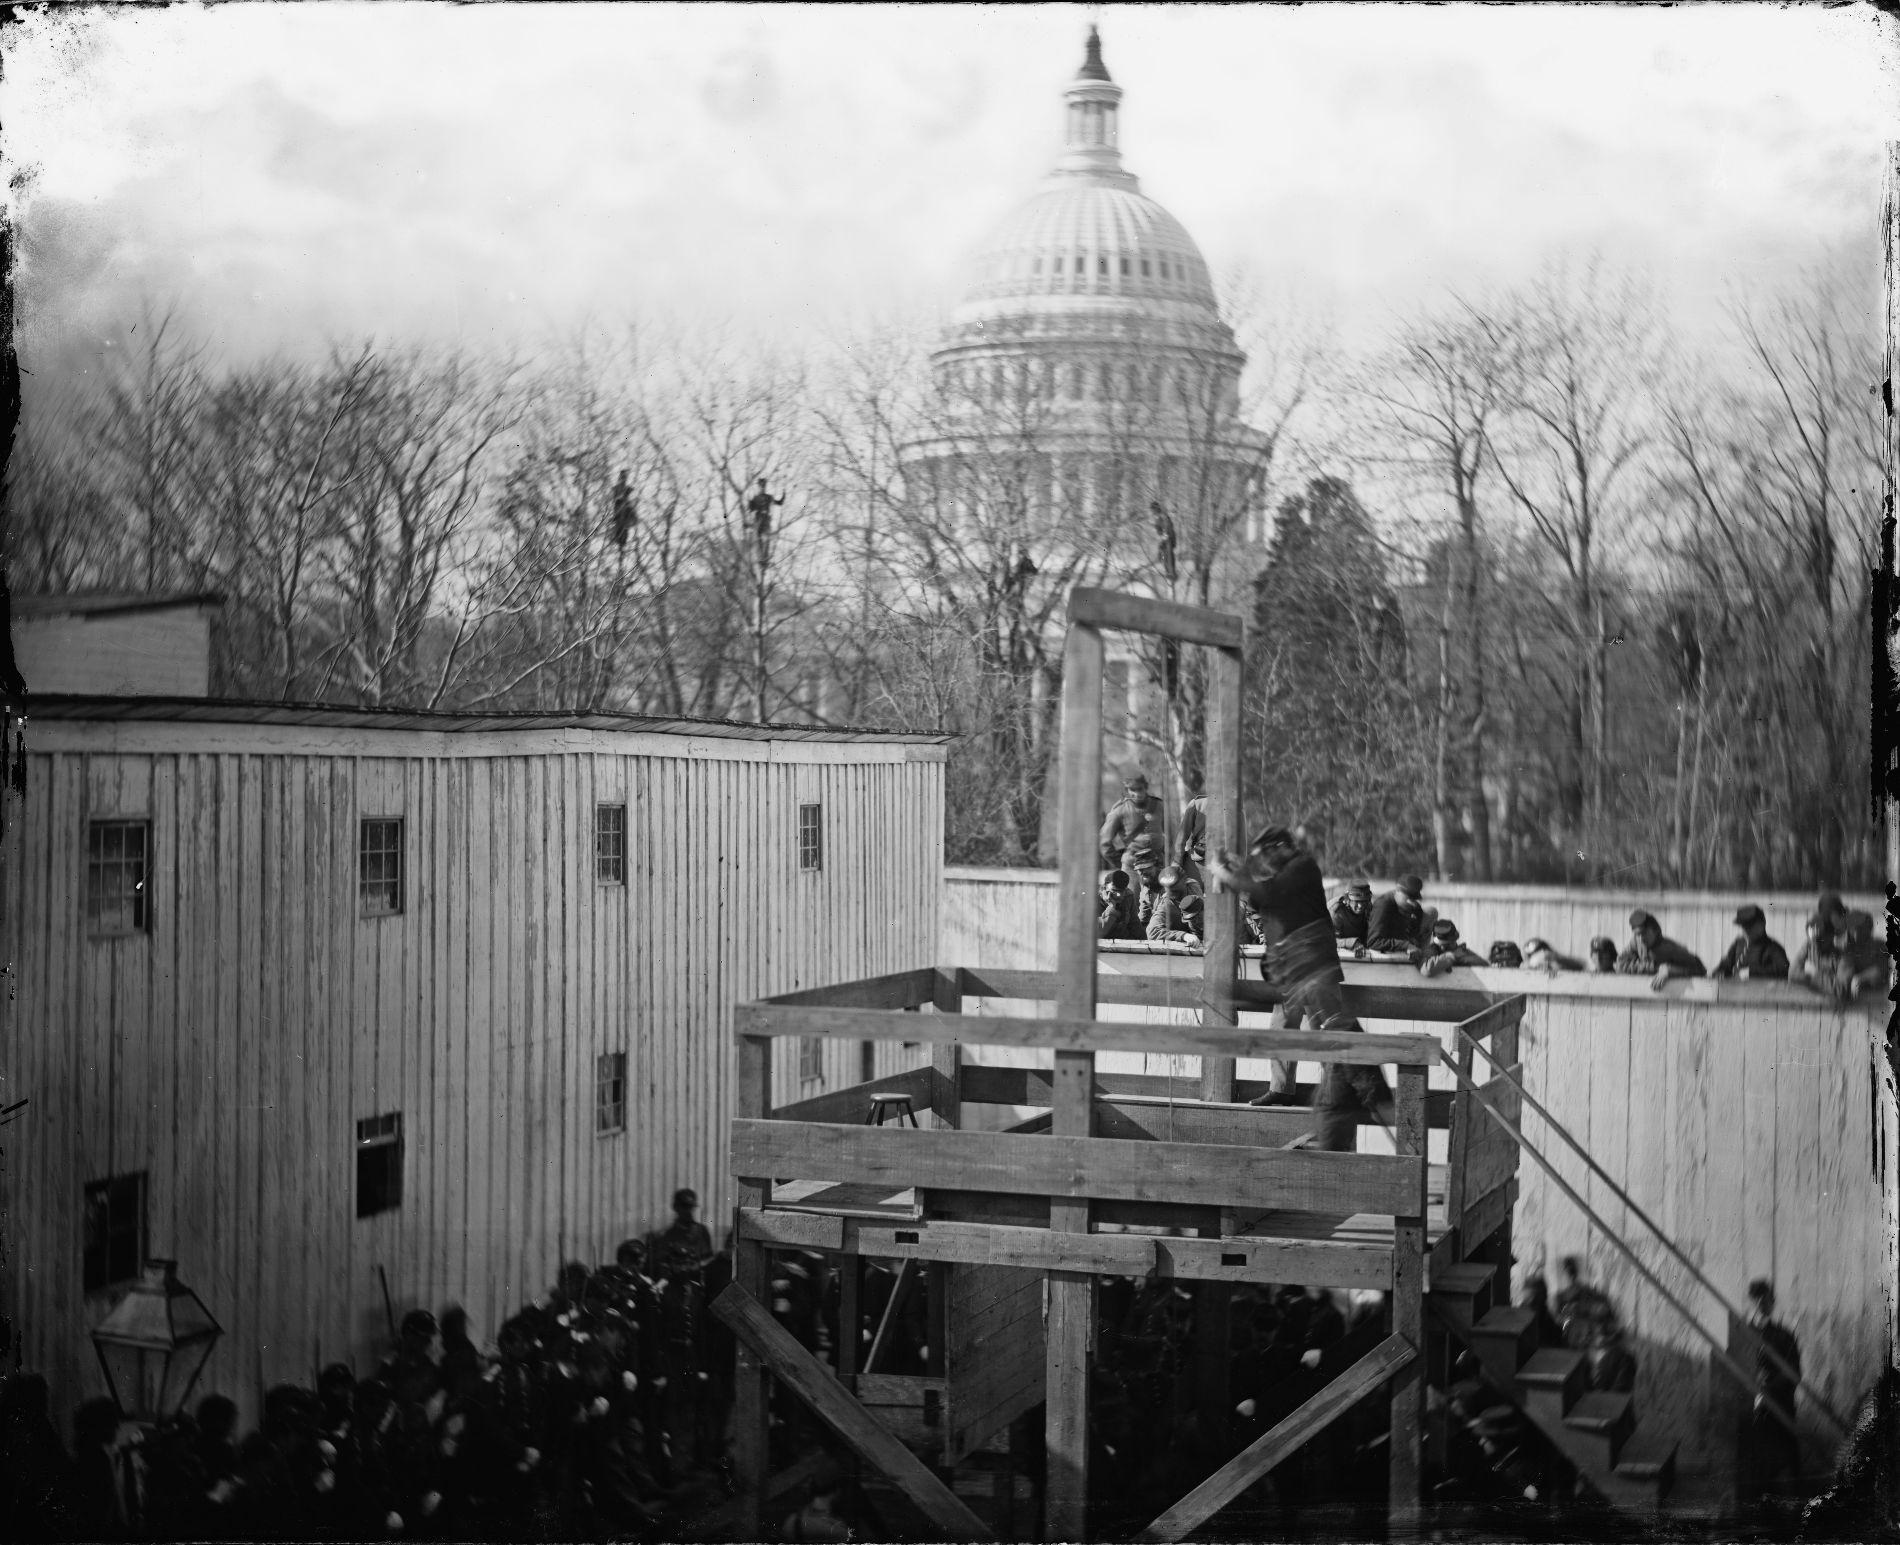 Виселица на фоне Капитолия, Вашингтон, 10 ноября 1865 года ©Фото с сайта wikimedia.org